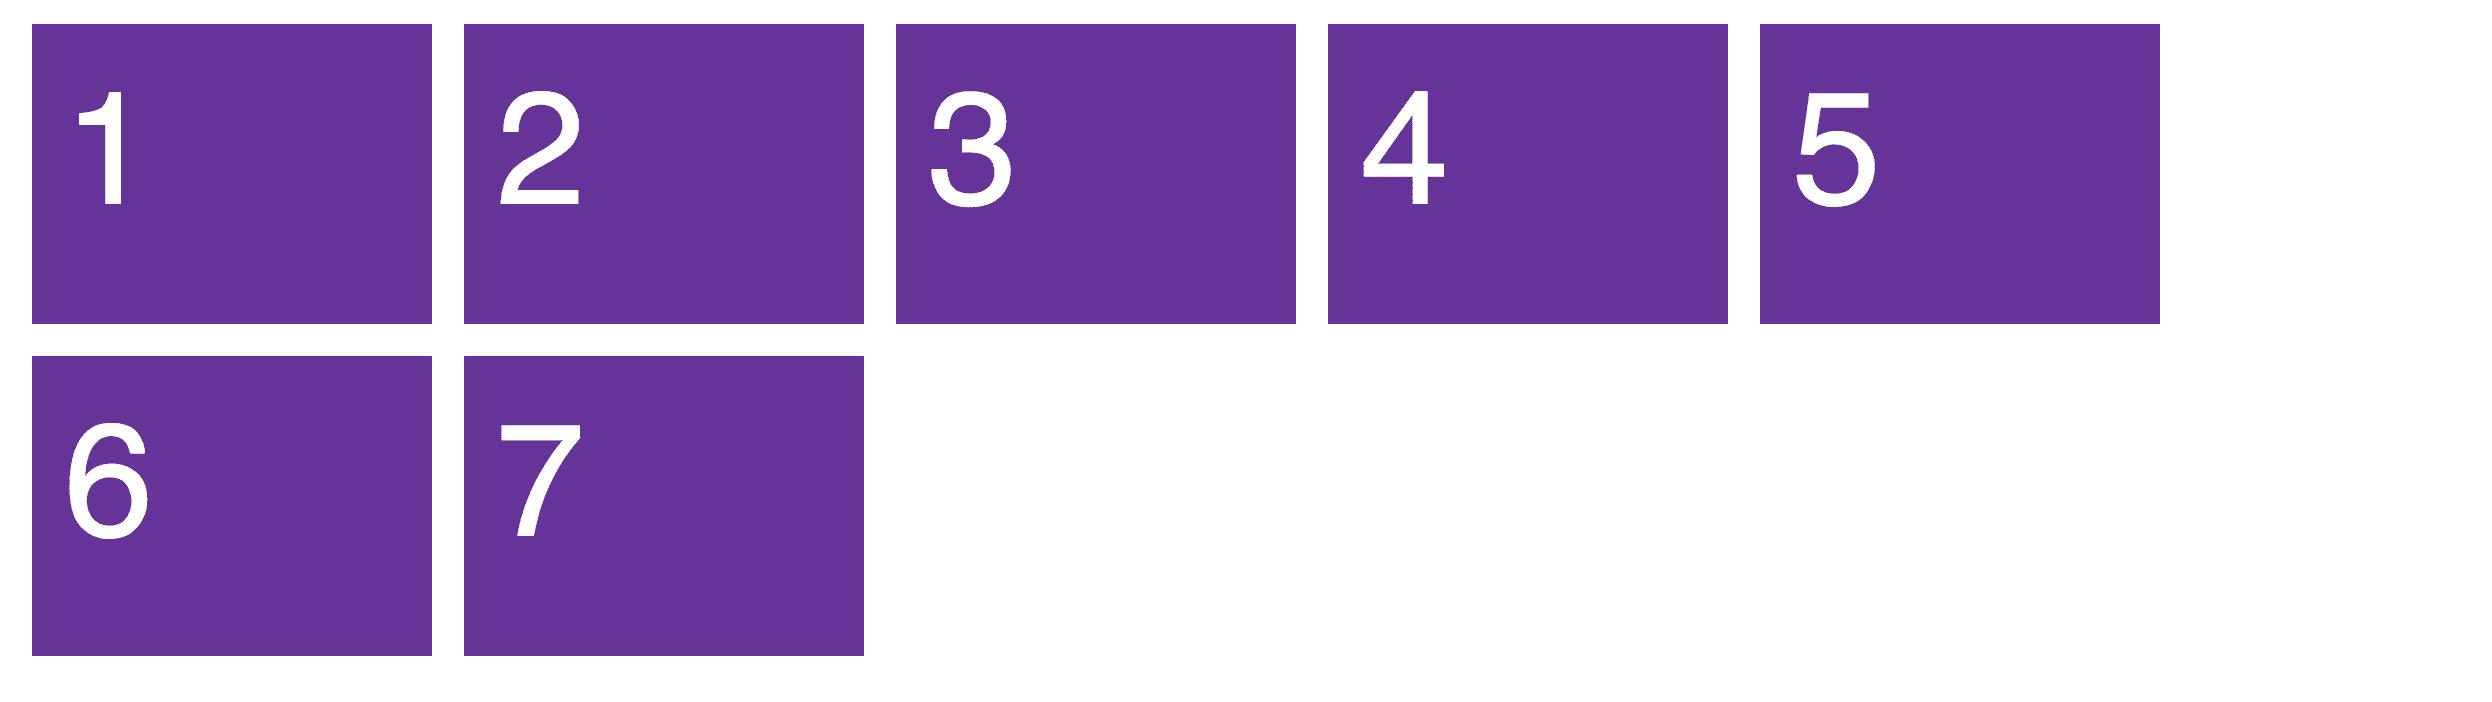 CSS Grid - Galería con espacios